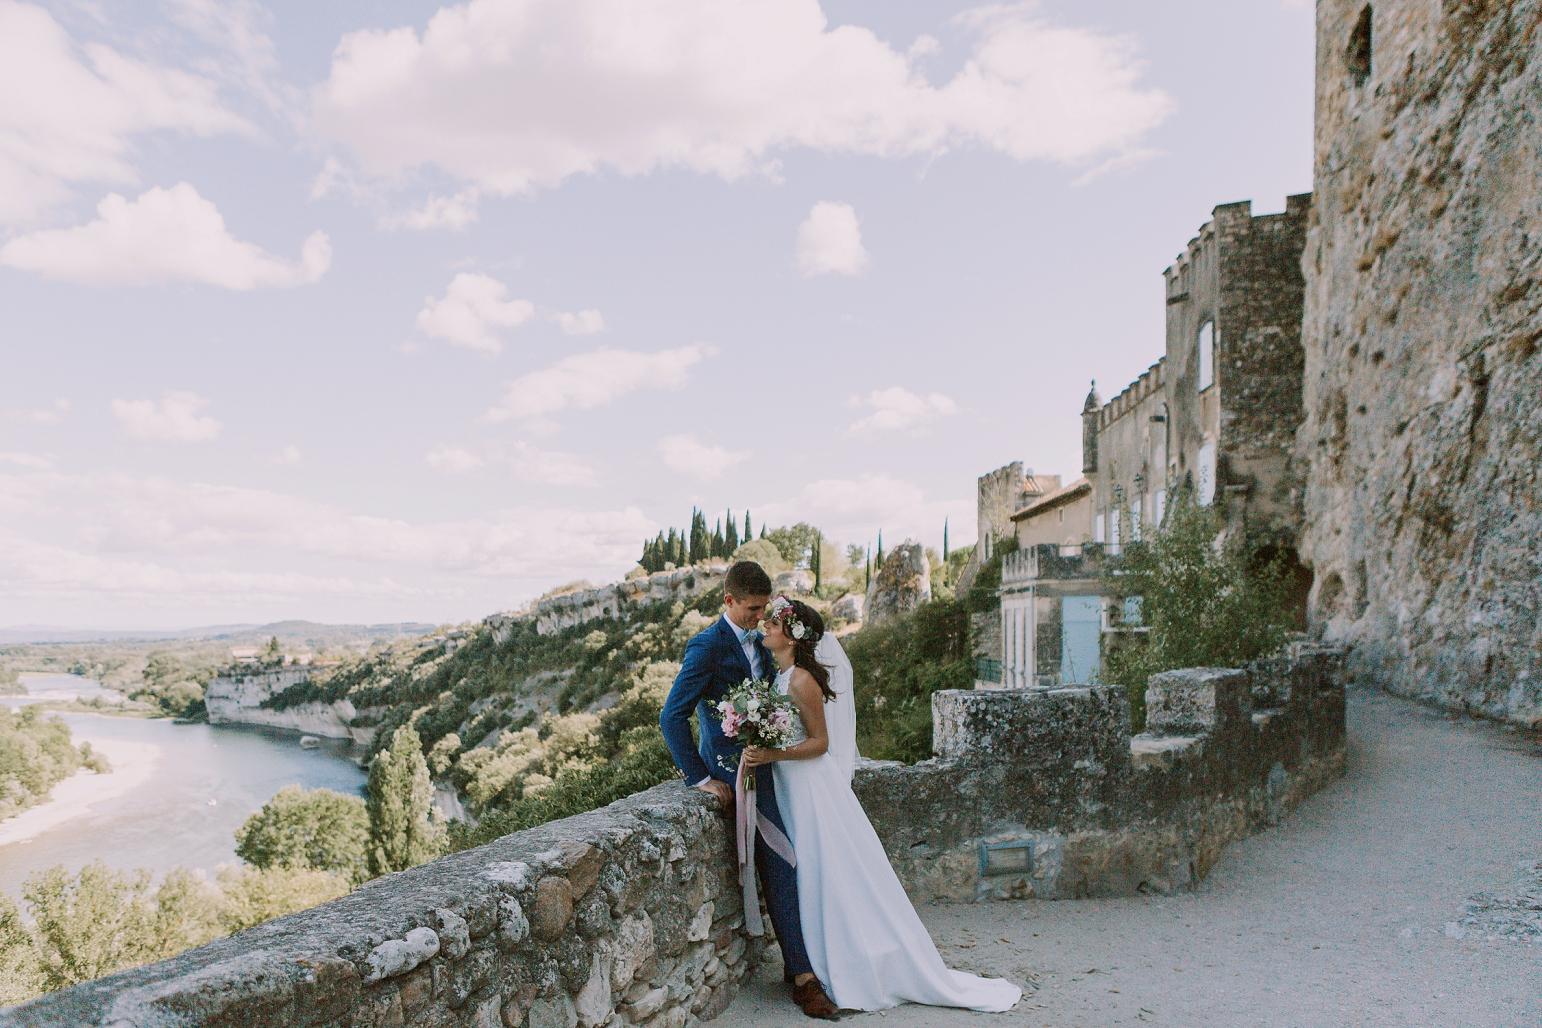 kateryna-photos-mariage-wedding-france-ardeche-domaine-clos-hullias-Saint-Christol-de-Rodière-gard-cevennes_0155.jpg